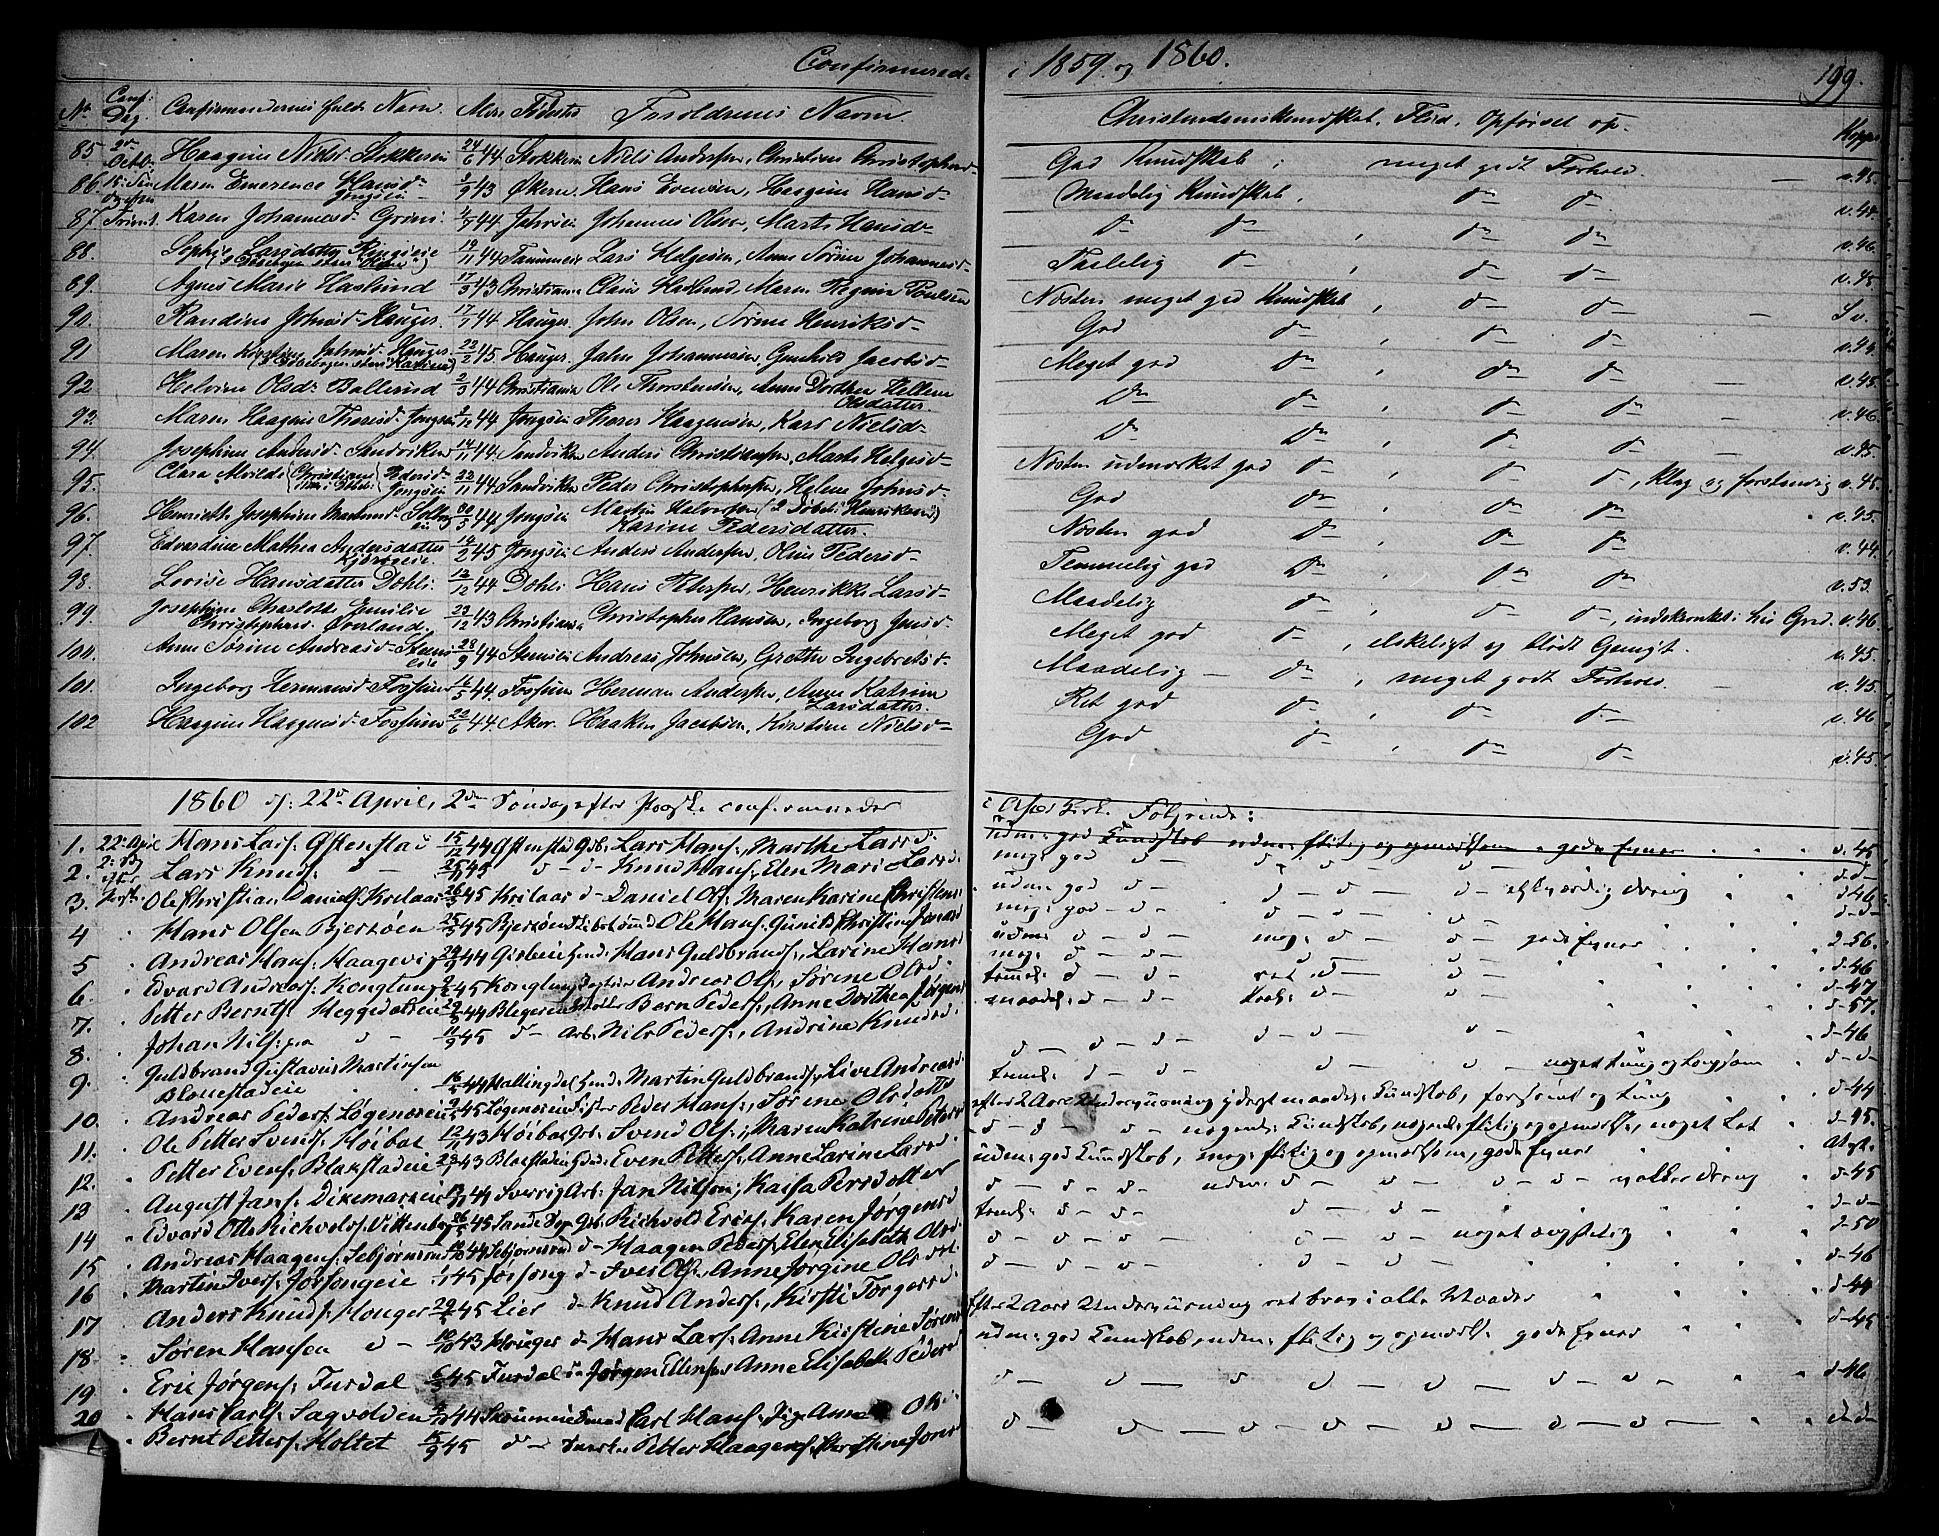 SAO, Asker prestekontor Kirkebøker, F/Fa/L0009: Ministerialbok nr. I 9, 1825-1878, s. 199